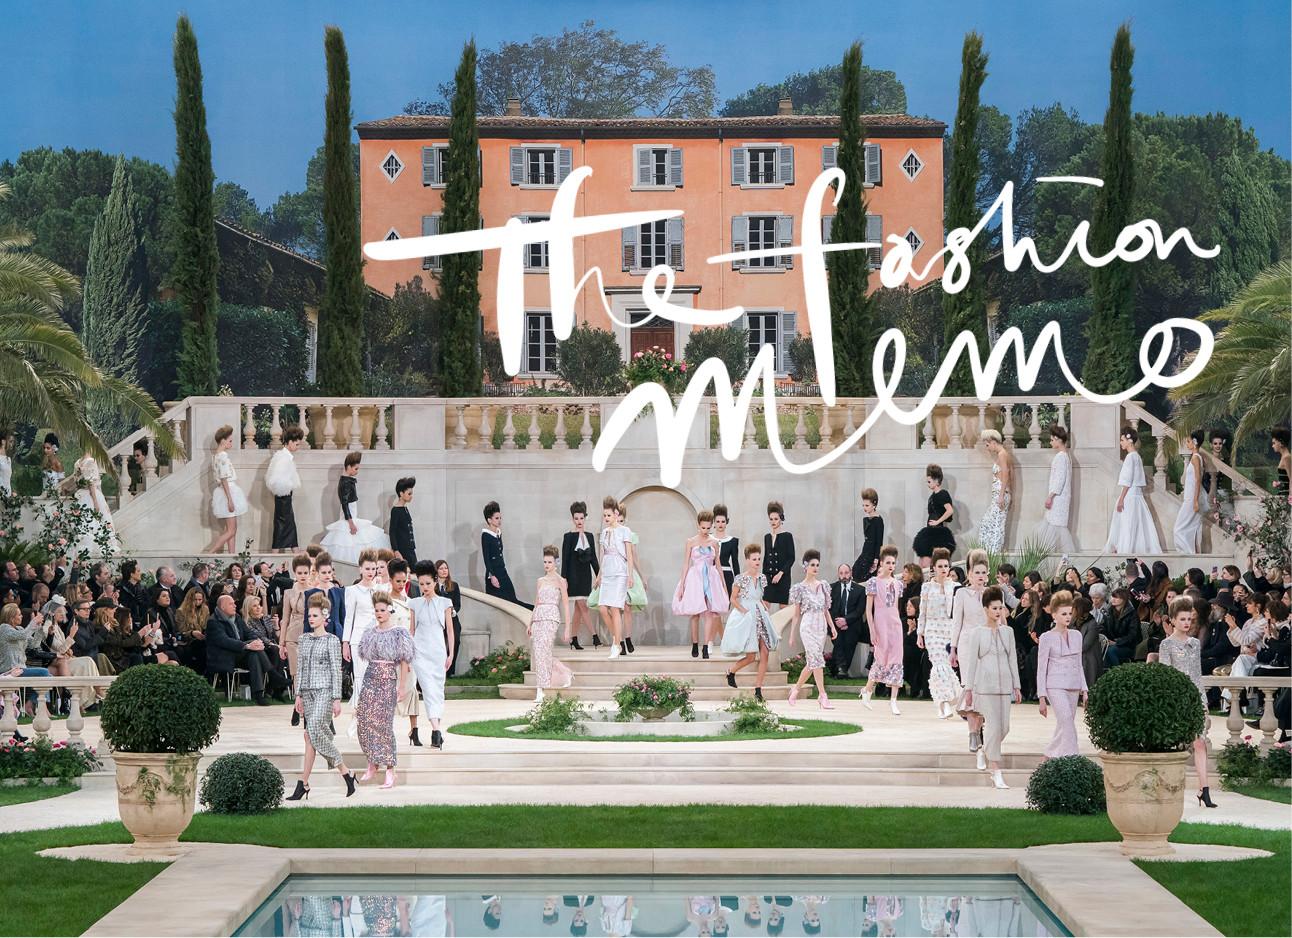 paris fashion week 2019 chanel show einde zomers zwembad mooie villa